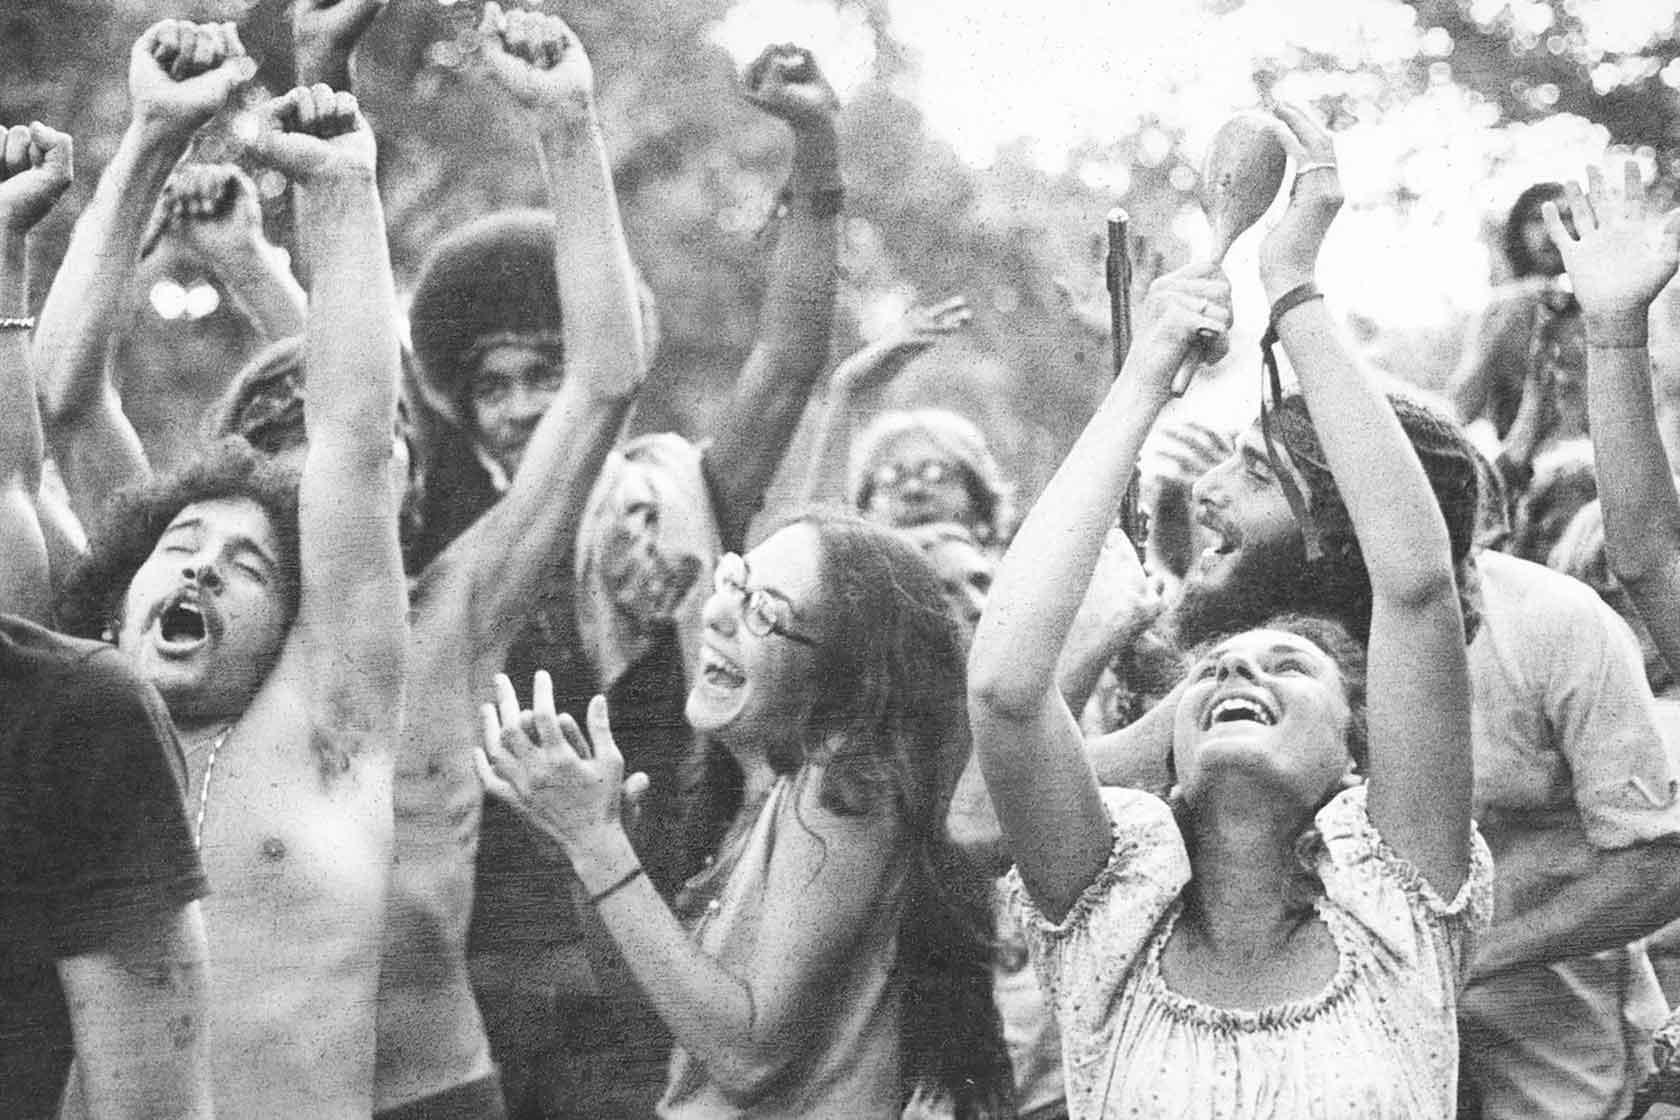 Woodstock társkeresőggg randevú rövidítés